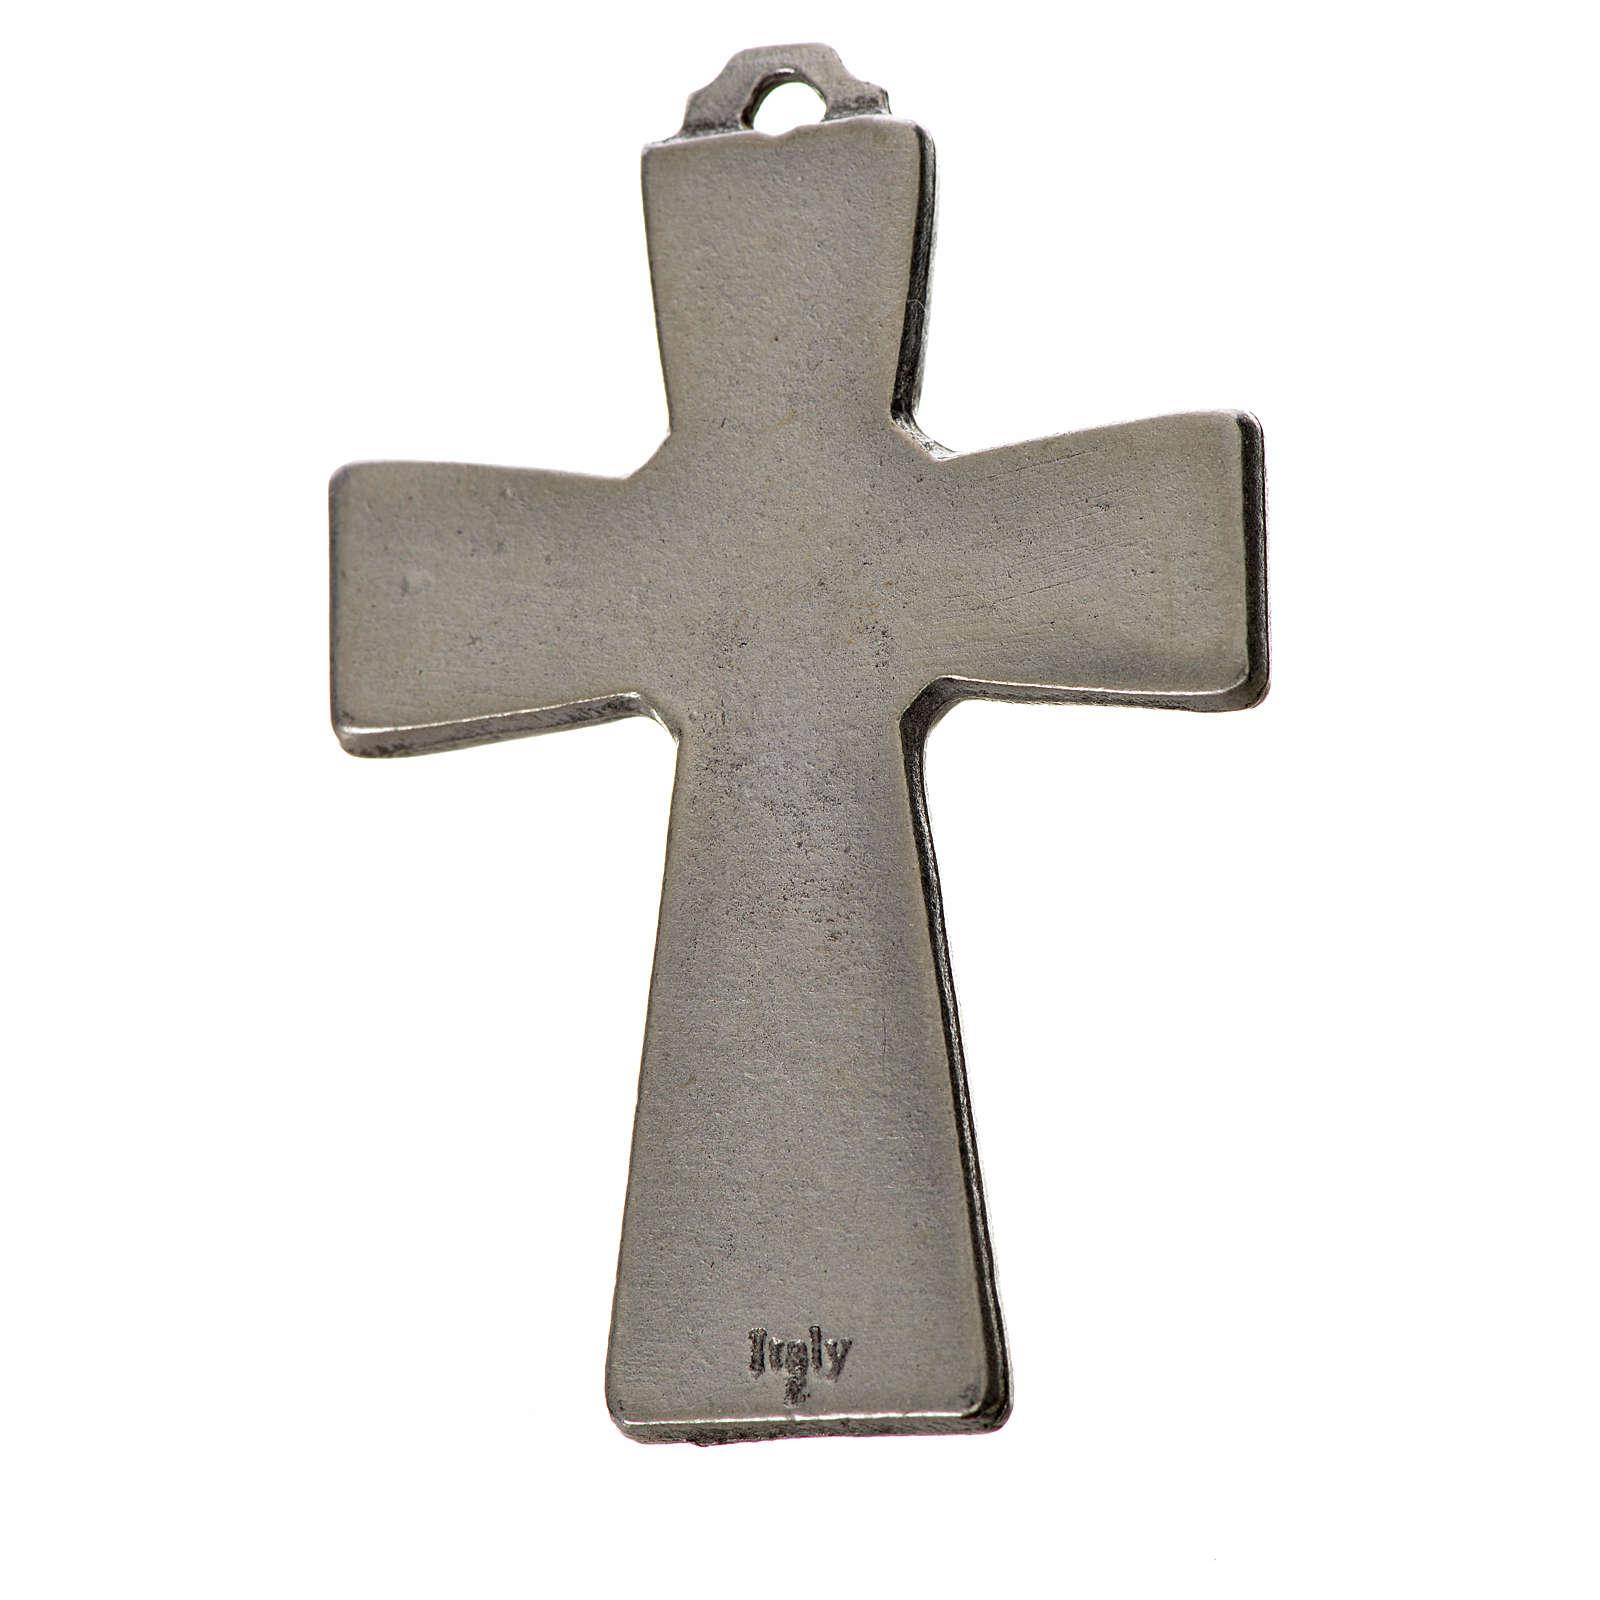 Holy Spirit cross 5x3.5cm in zamak, black enamel 4